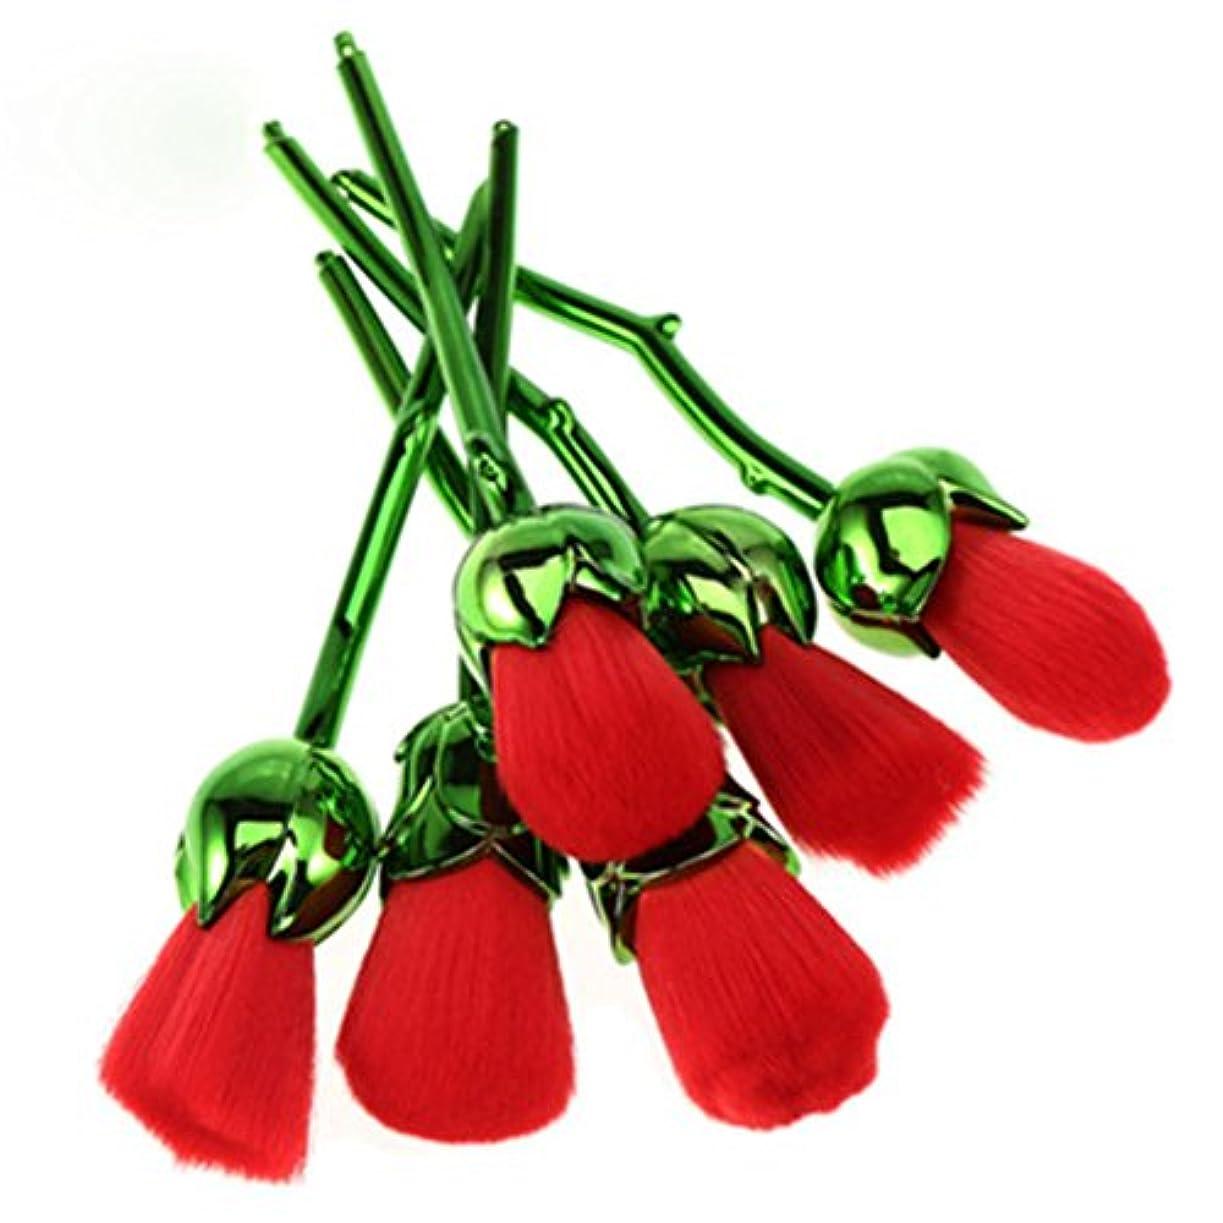 横影響を受けやすいです戦争ディラビューティー(Dilla Beauty) メイクブラシ 薔薇 メイクブラシセット 人気 ファンデーションブラシ 化粧筆 可愛い 化粧ブラシ セット パウダーブラシ フェイスブラシ ローズ メイクブラシ 6本セット ケース付き (グリーン - レッド)